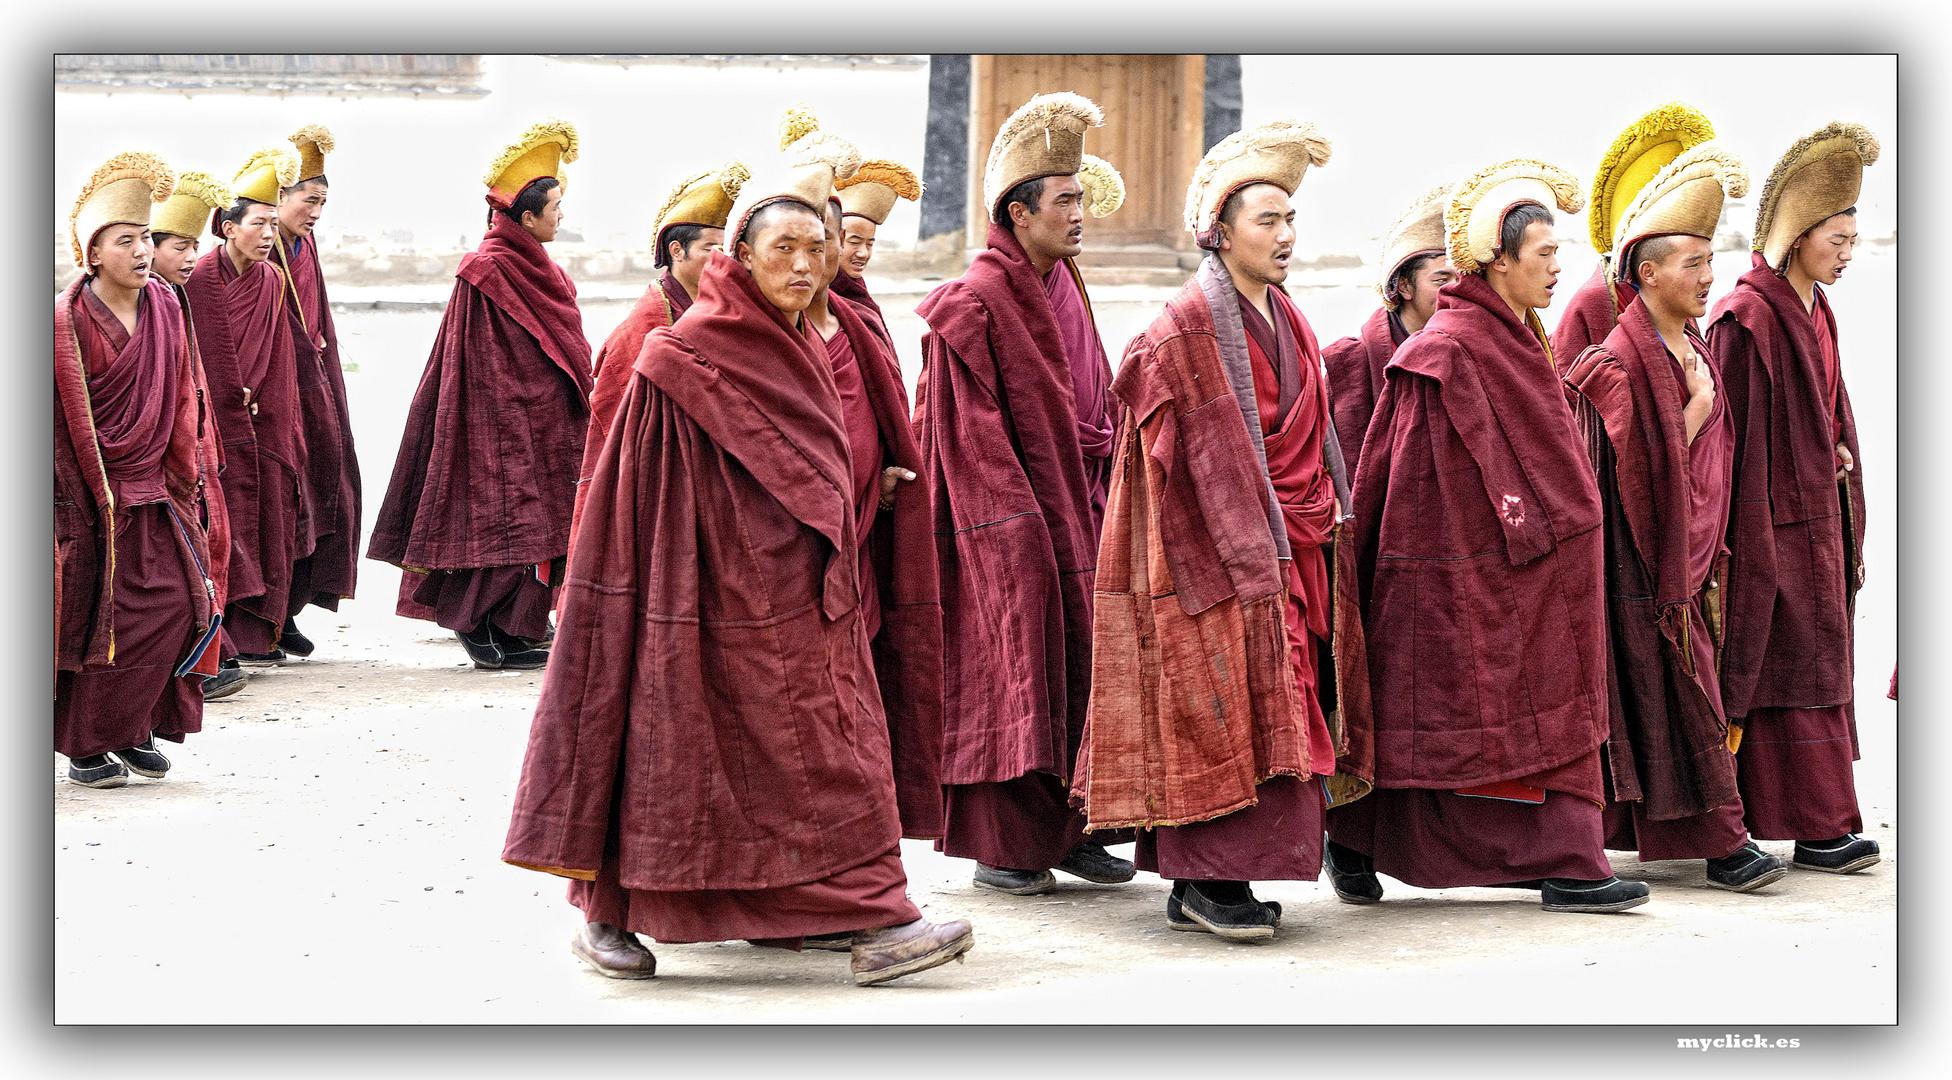 EN LA RUTA DE LA SEDA-MONJES BUDISTAS ACUDEN A LAS ORACIONES DEL MEDIODIA-M. LABRANG